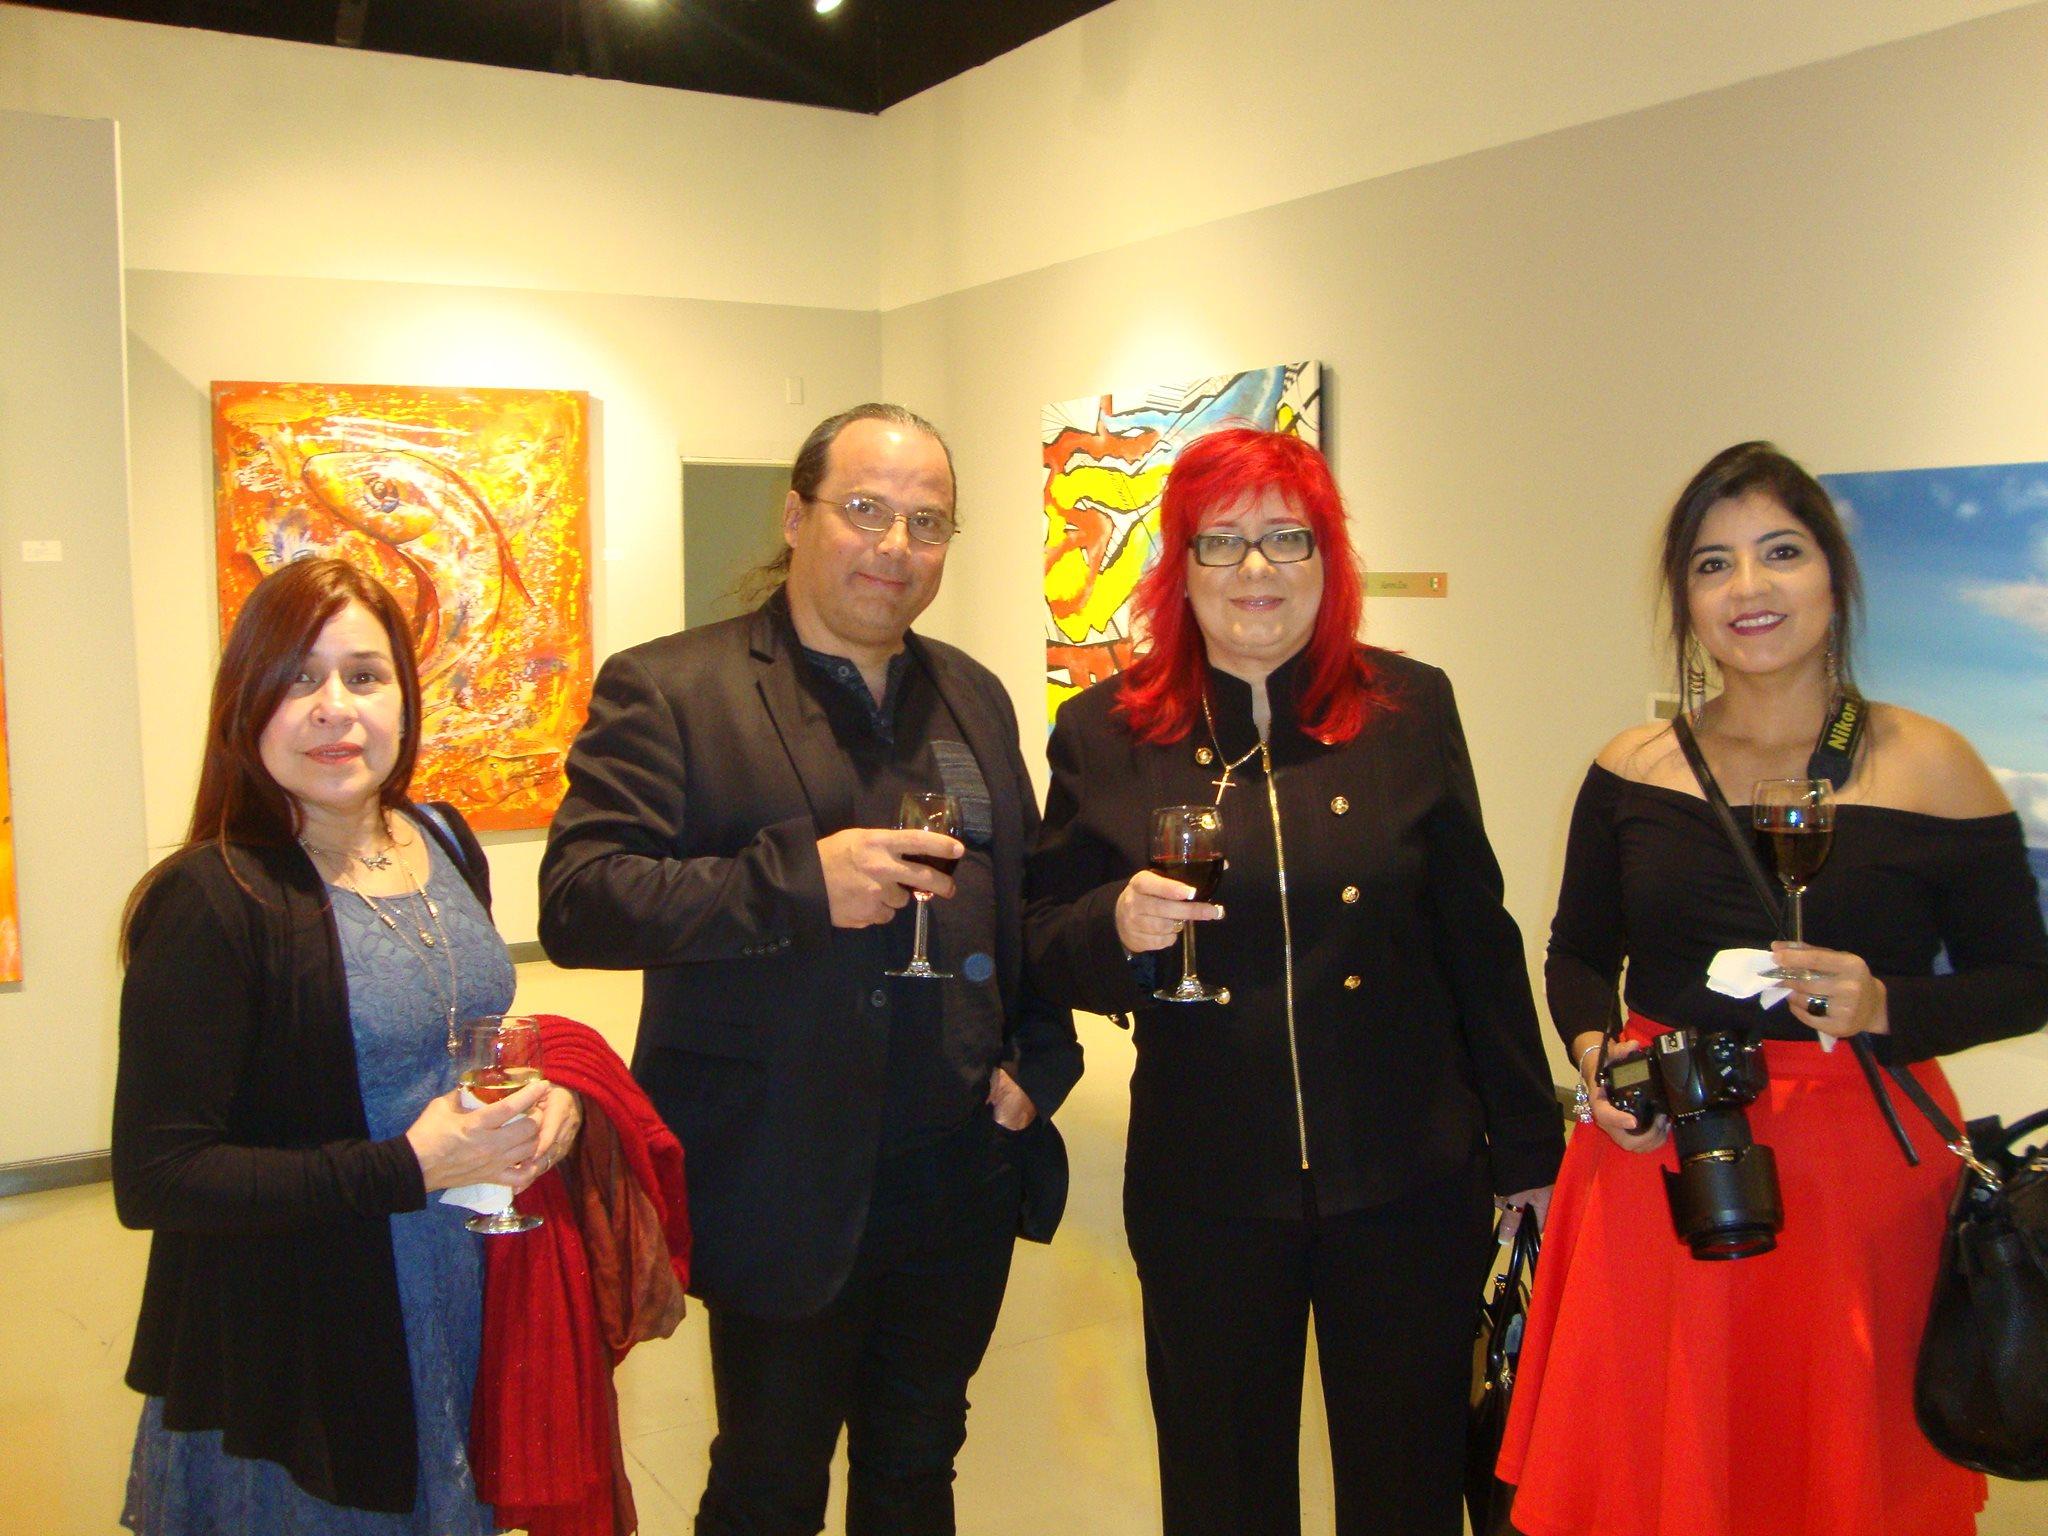 De Chavez Gallery